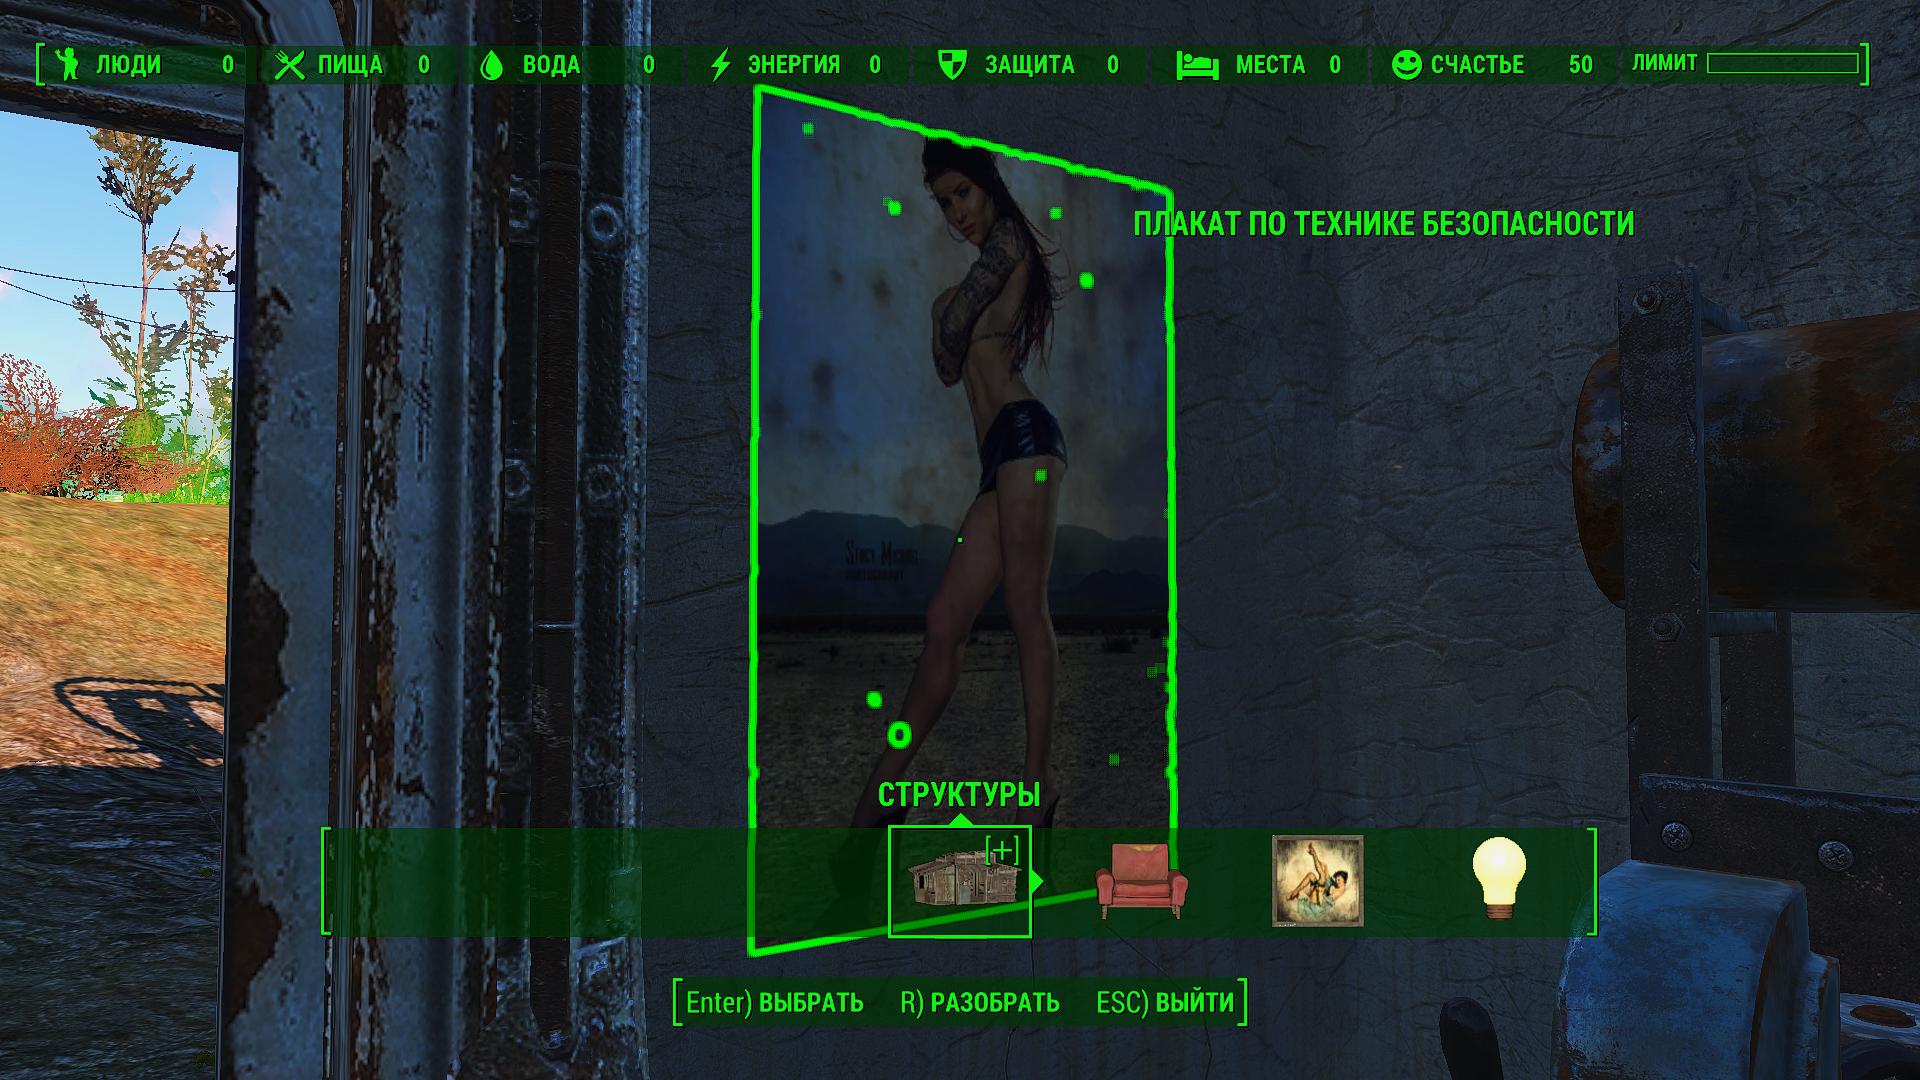 Fallout 4 Screenshot 2020.06.20 - 19.21.13.81.png